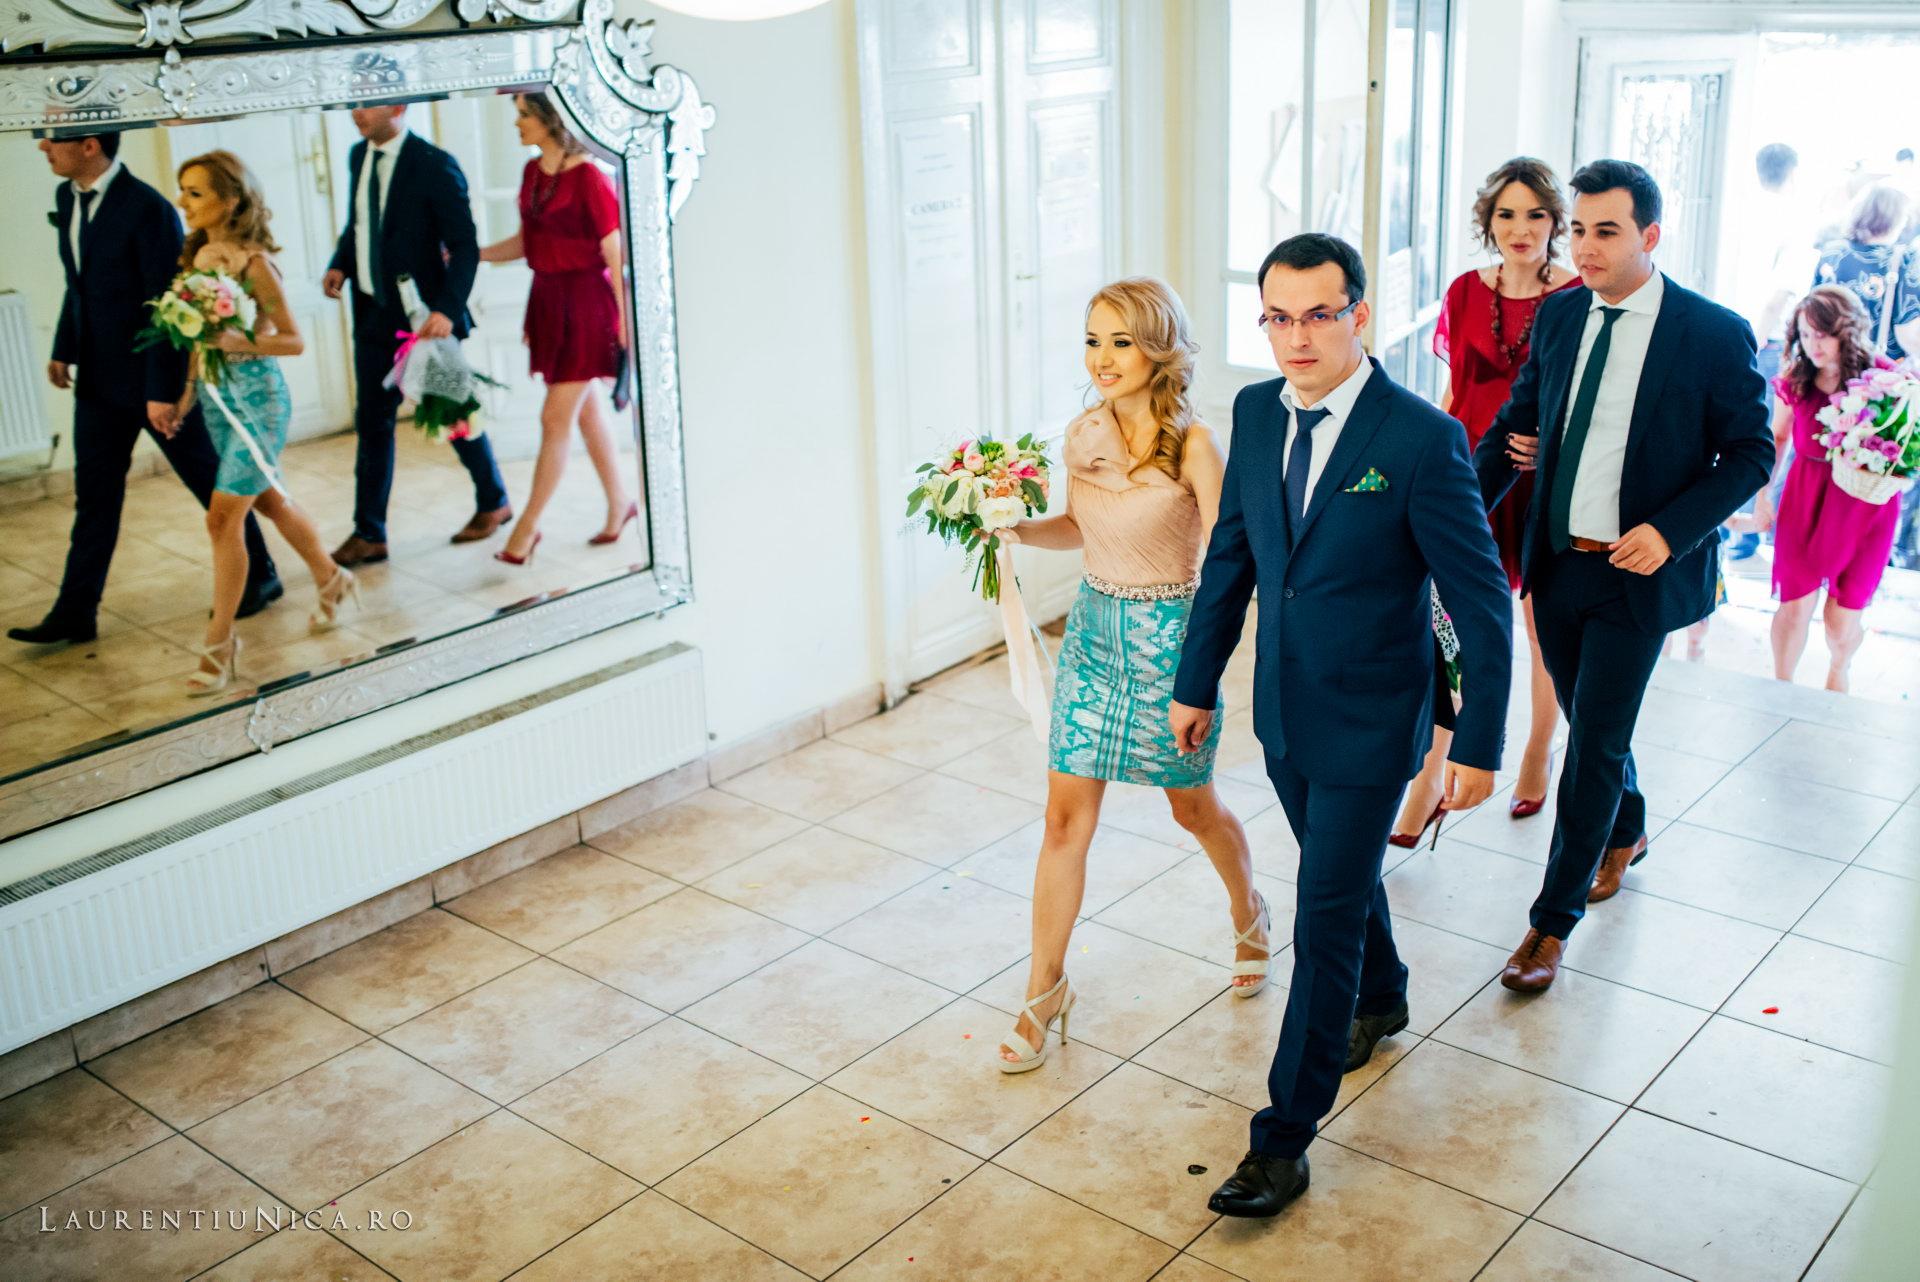 alina si razvan craiova fotograf nunta laurentiu nica02 - Alina & Razvan | Fotografii nunta